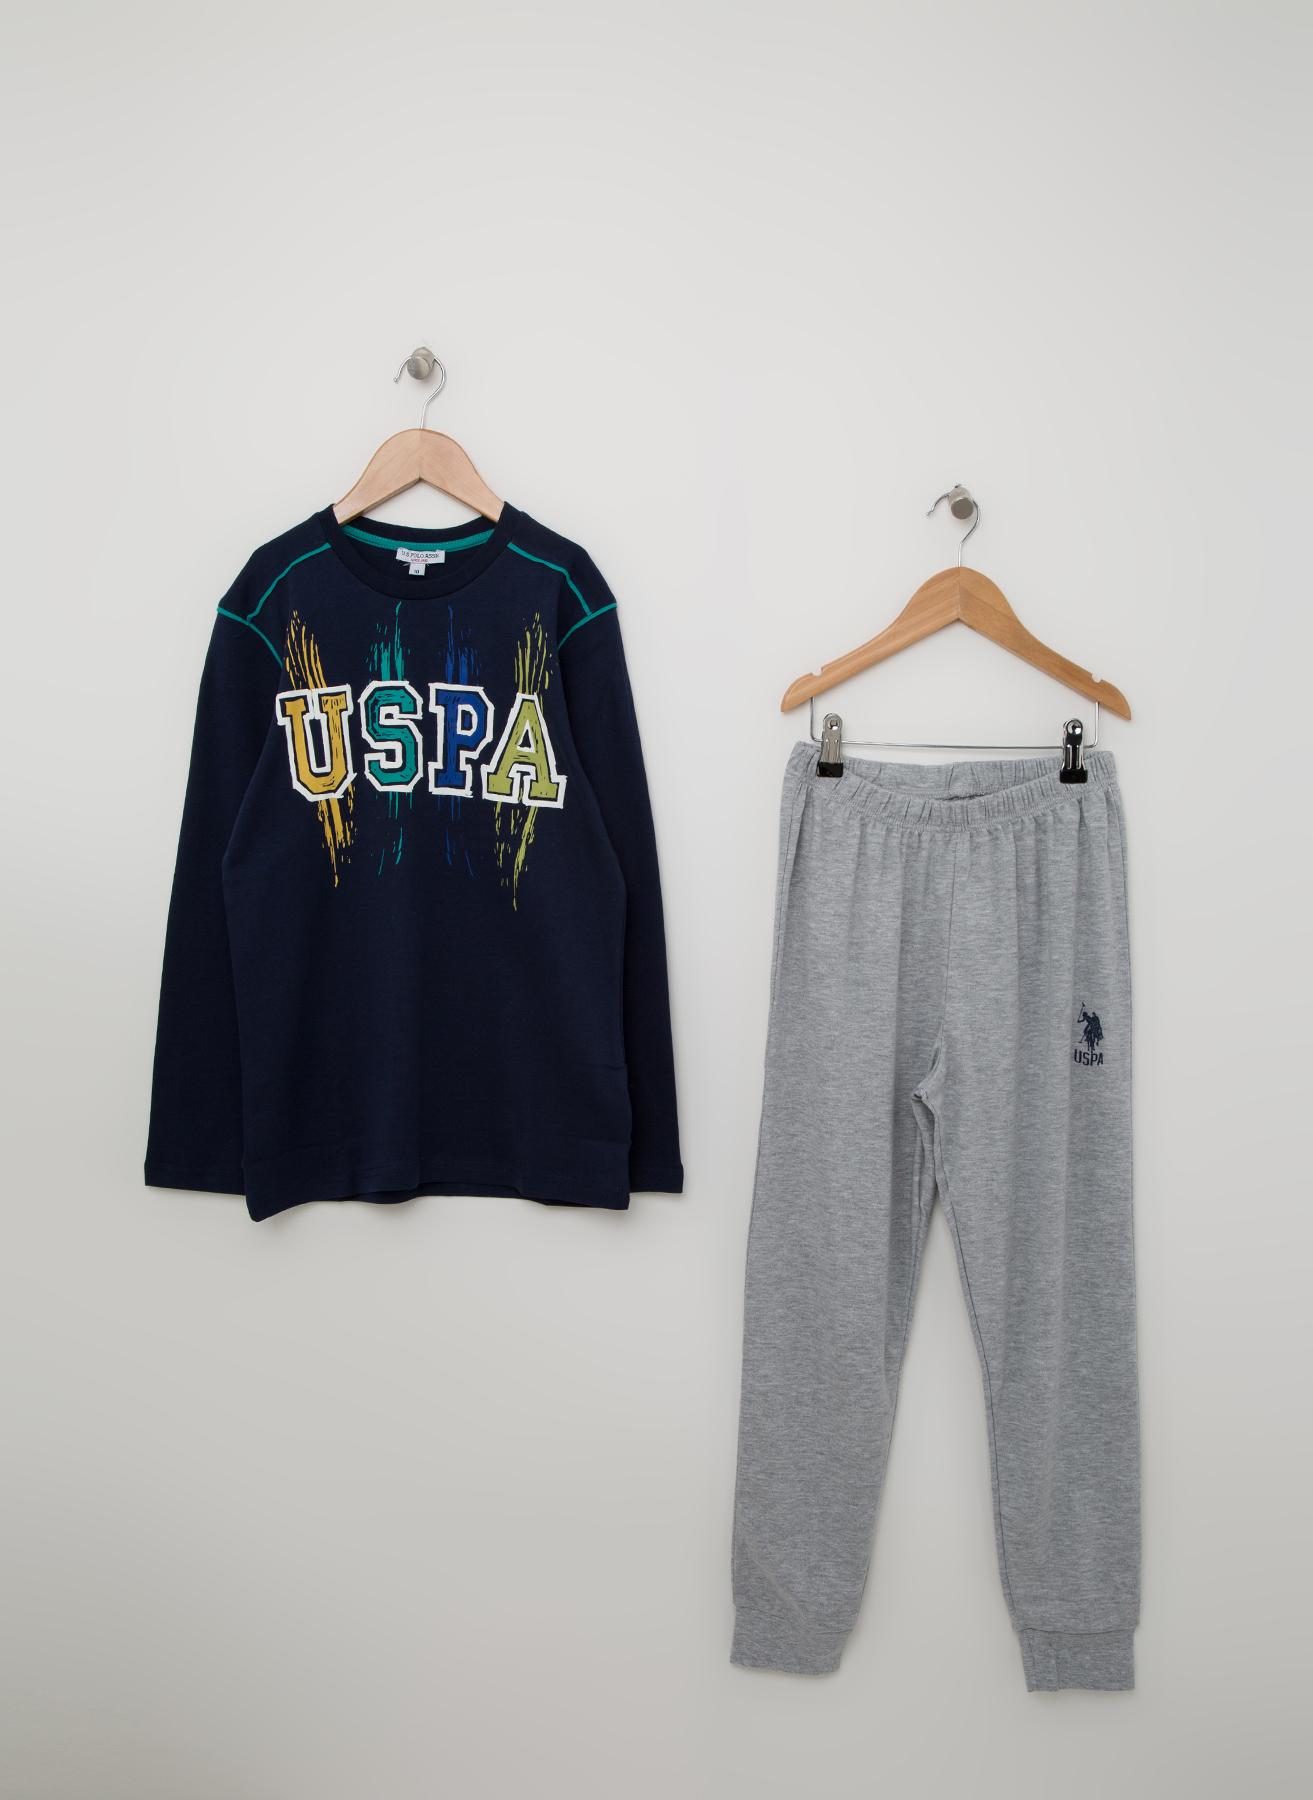 U.S. Polo Assn. Pijama Takımı 14 Yaş 5001946958003 Ürün Resmi